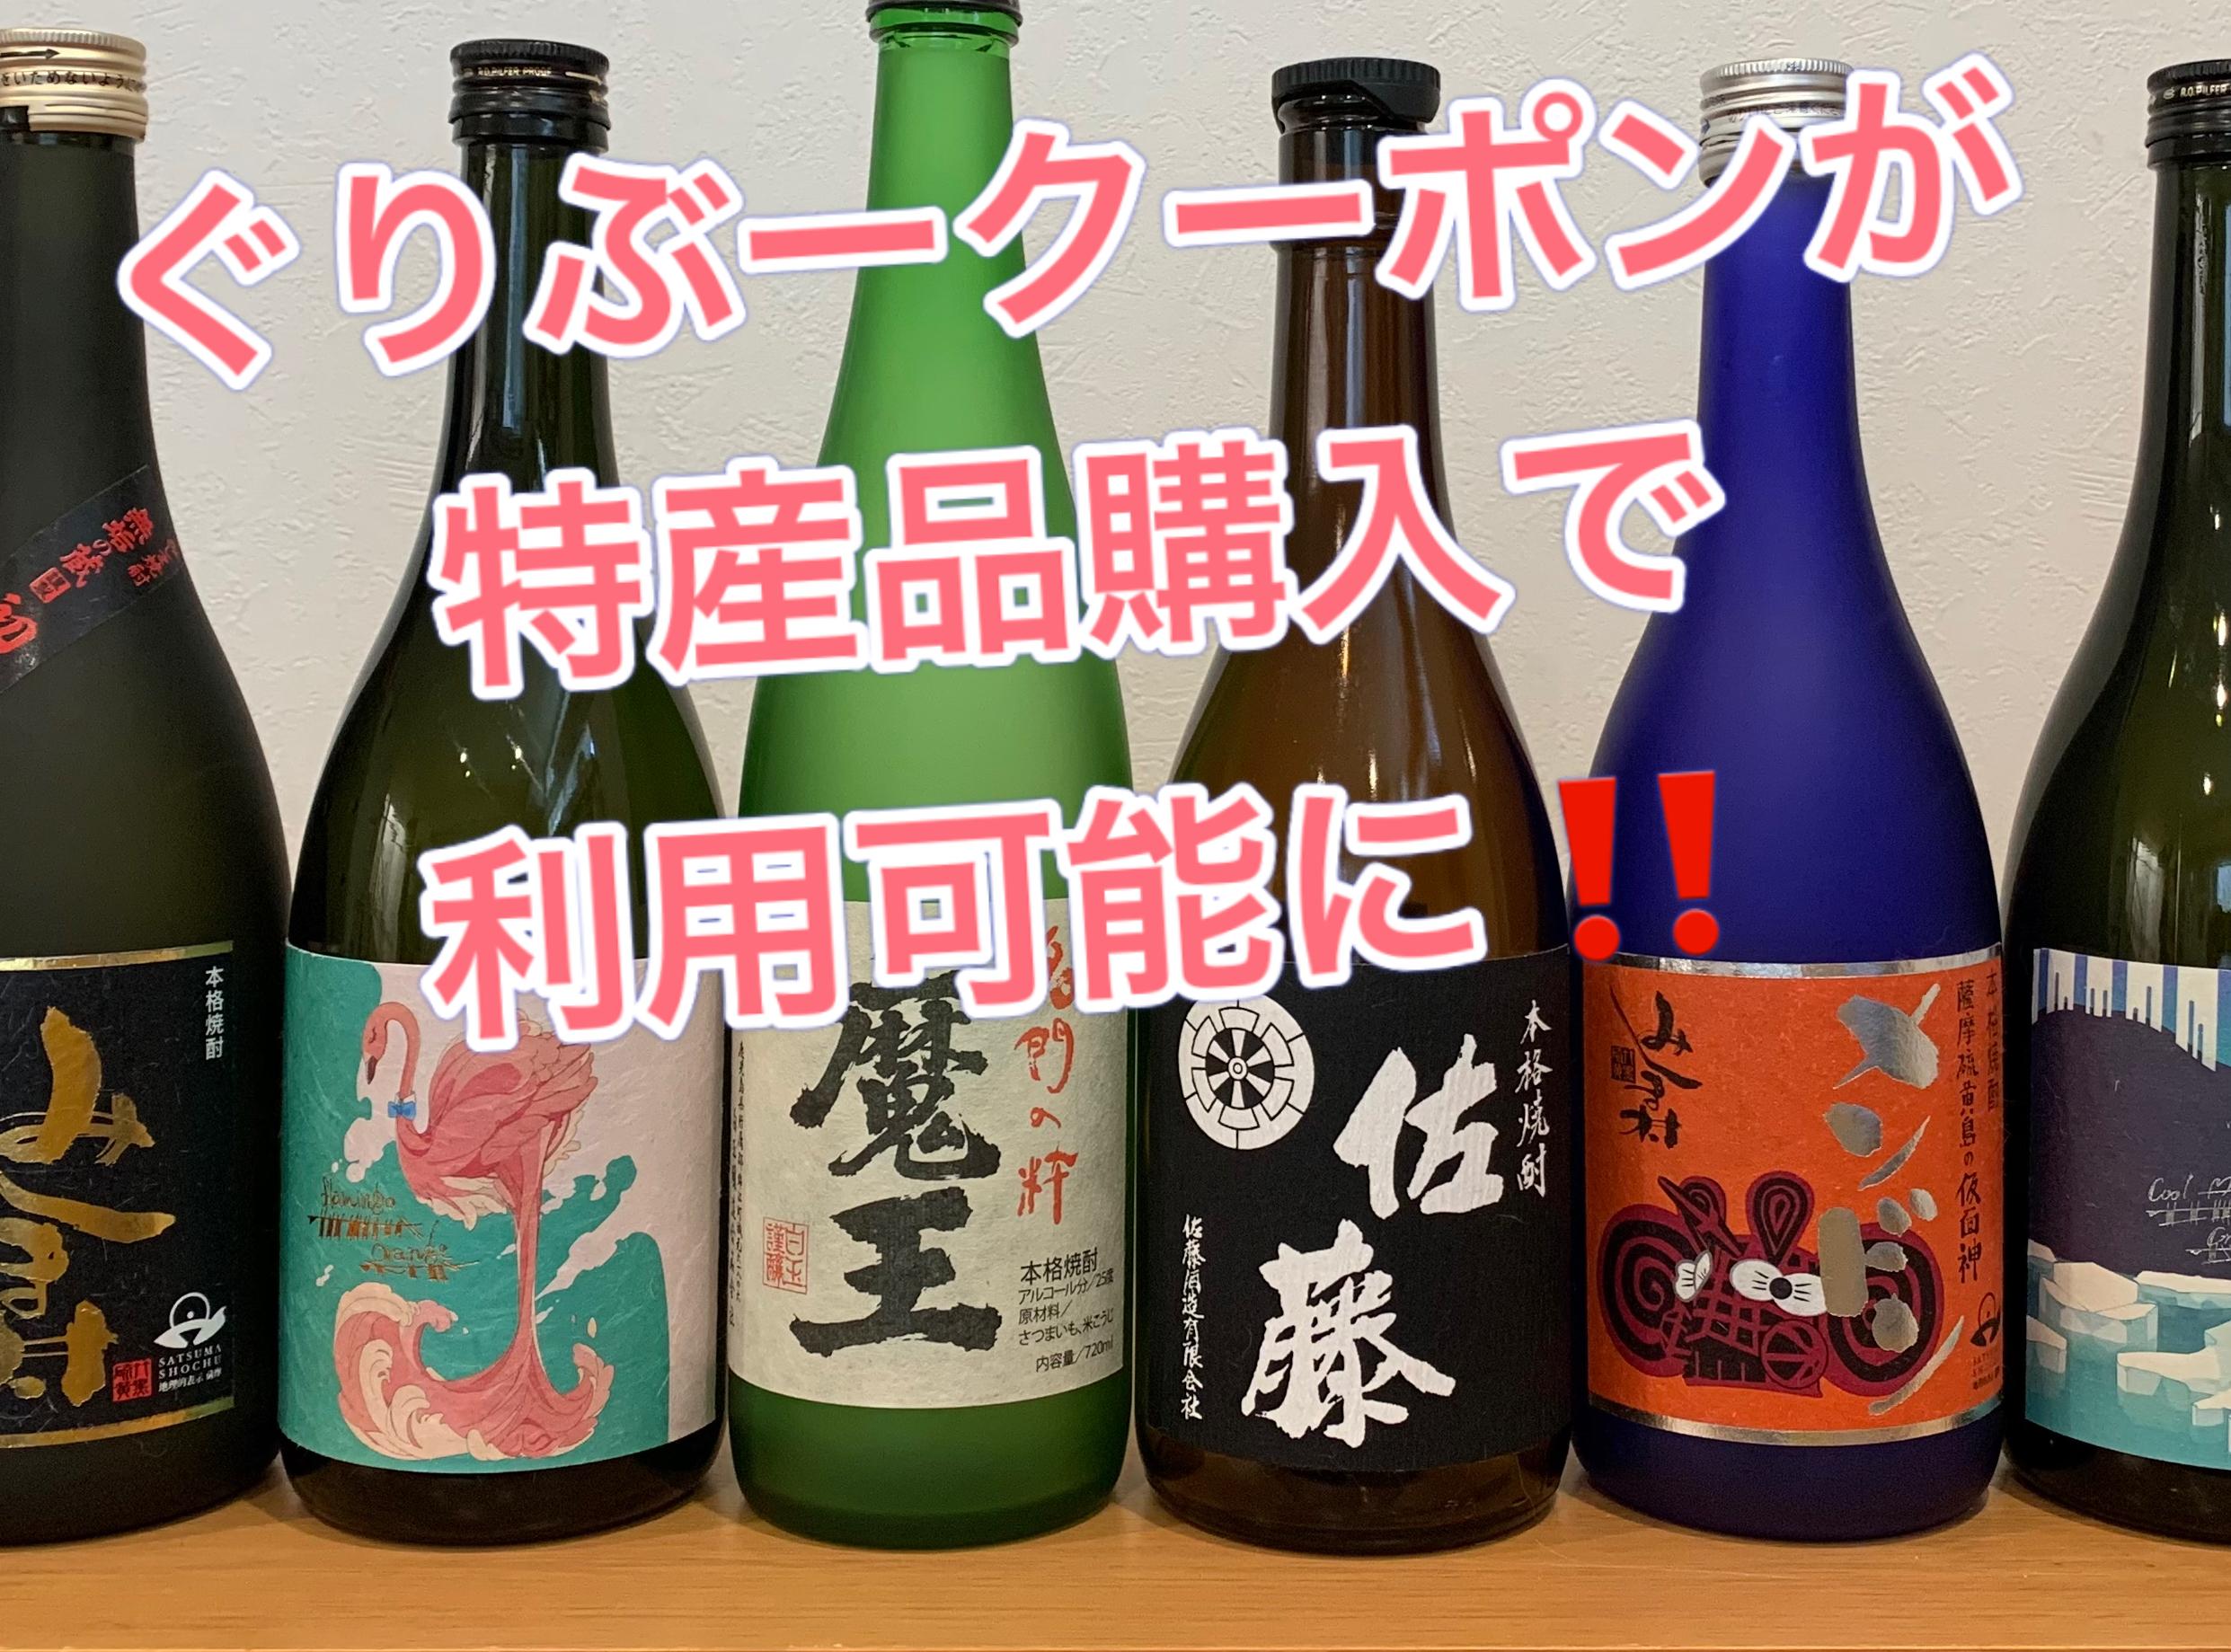 ぐりぶークーポン2021年11月1日(月)発行分から(予定)特産品(焼酎)も対象に!! イメージ画像